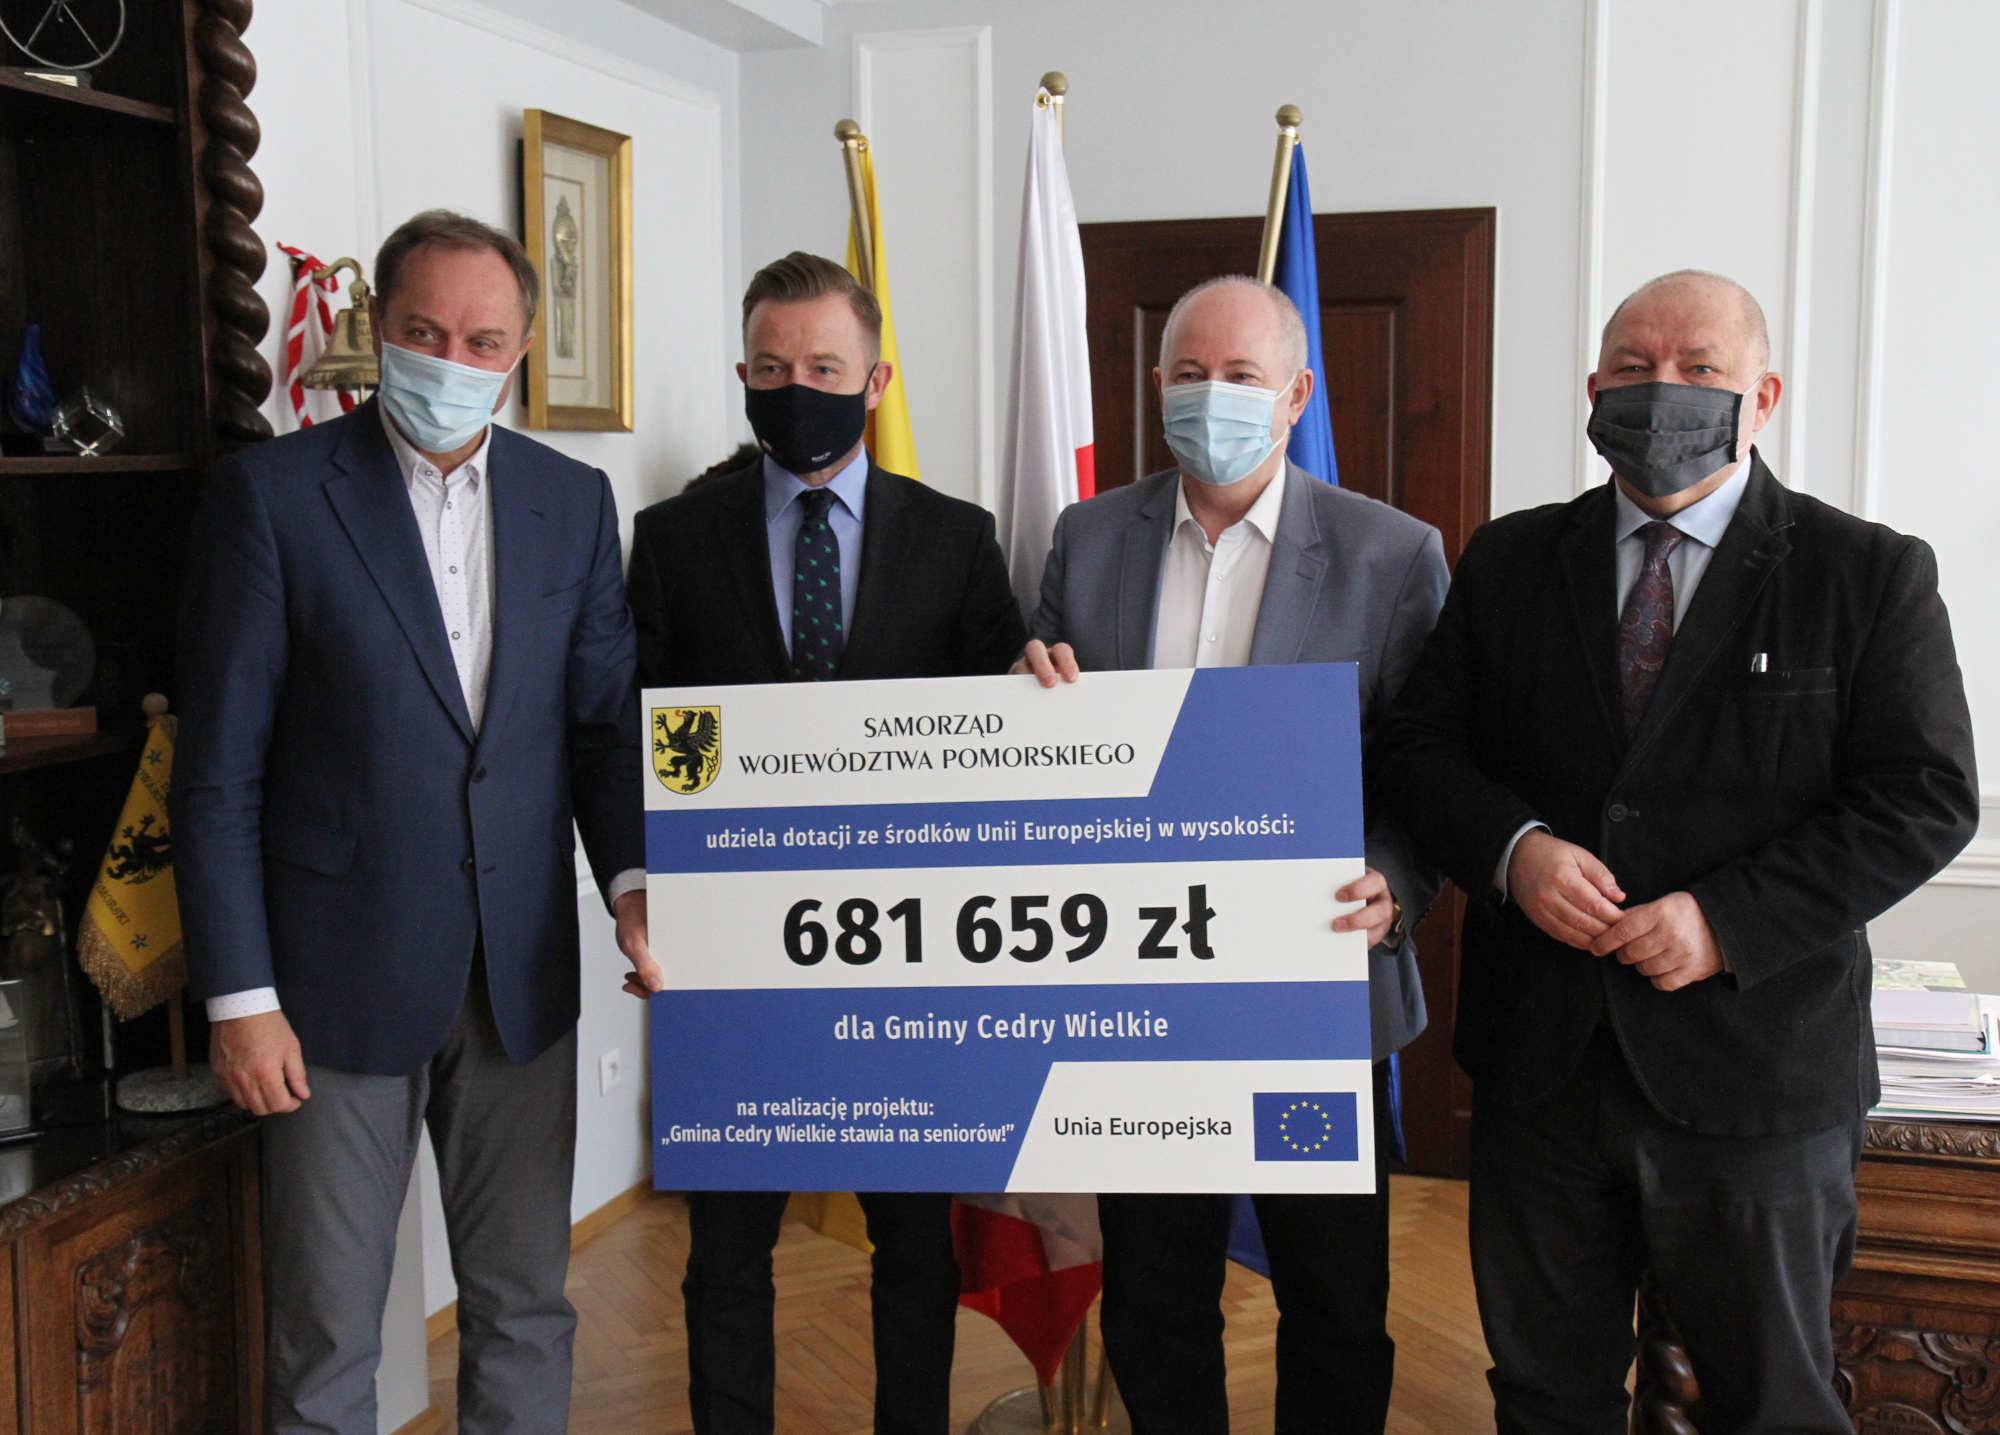 Gmina Cedry Wielkie stawia na seniorów. Wsparciem jest ponad 681 tys. zł unijnej dotacji